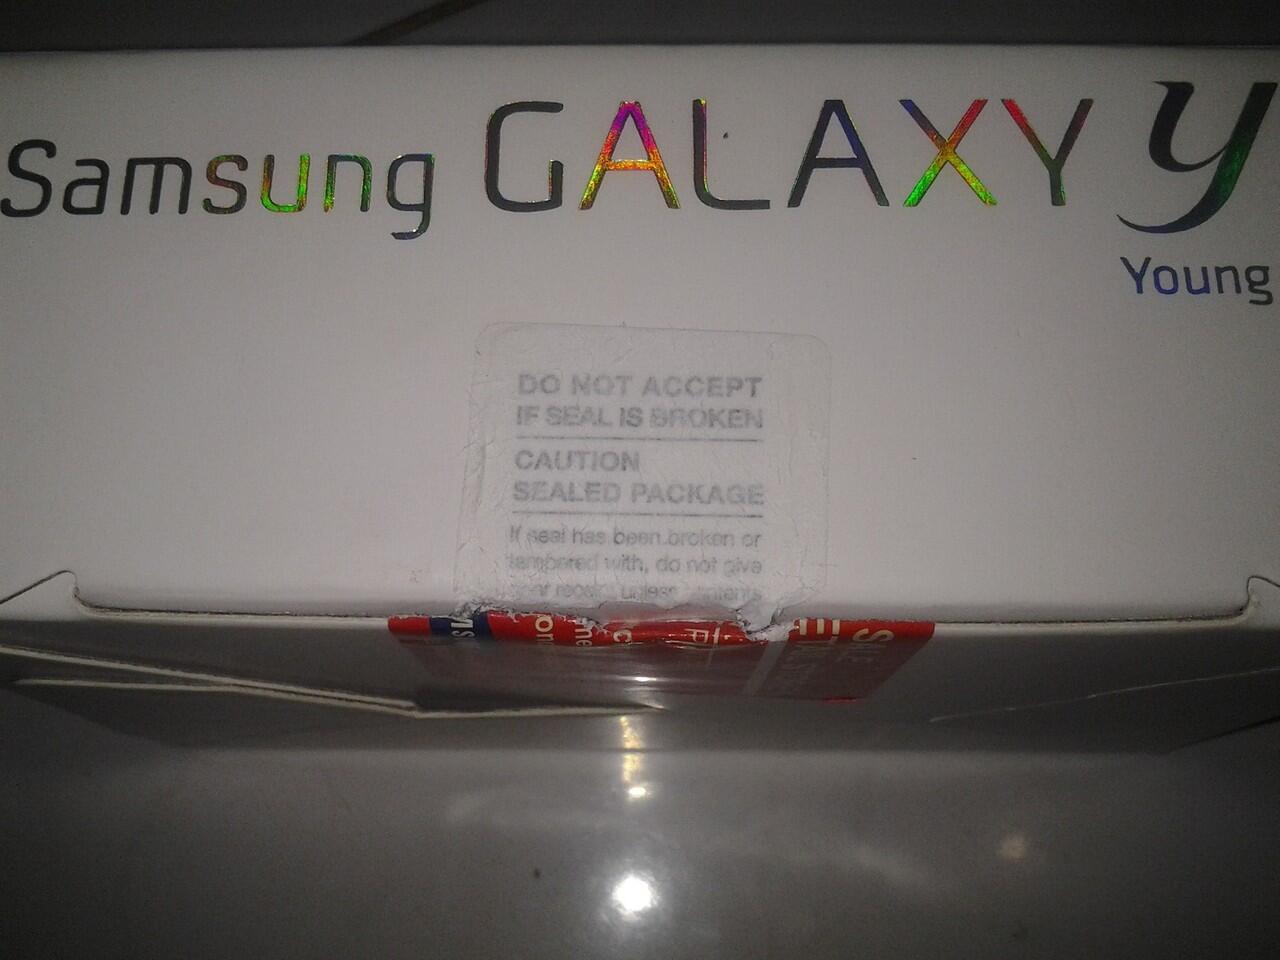 Samsung Galaxy Y BNIB murah!!